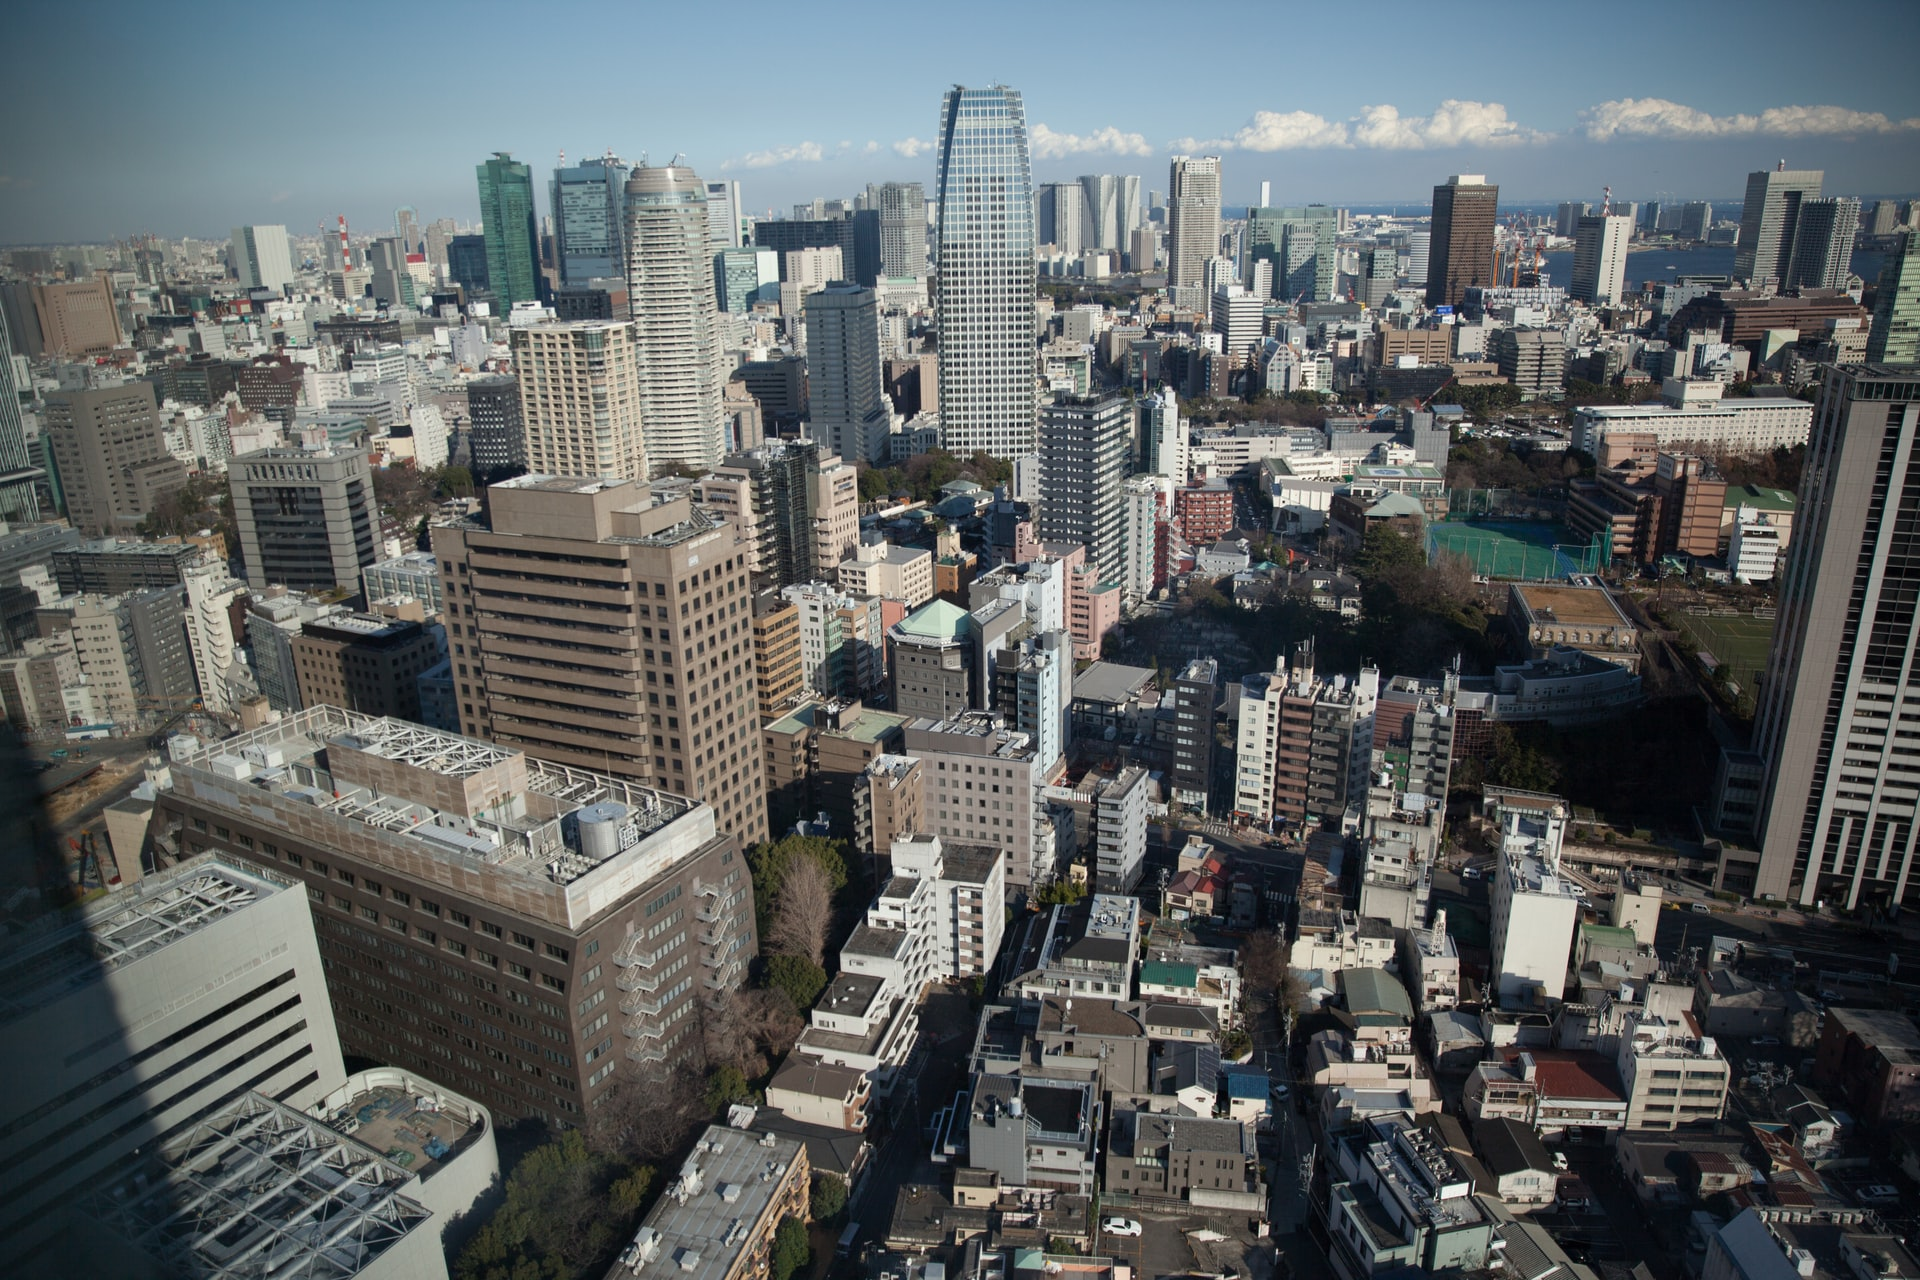 飢餓問題に対する日本企業の取り組み